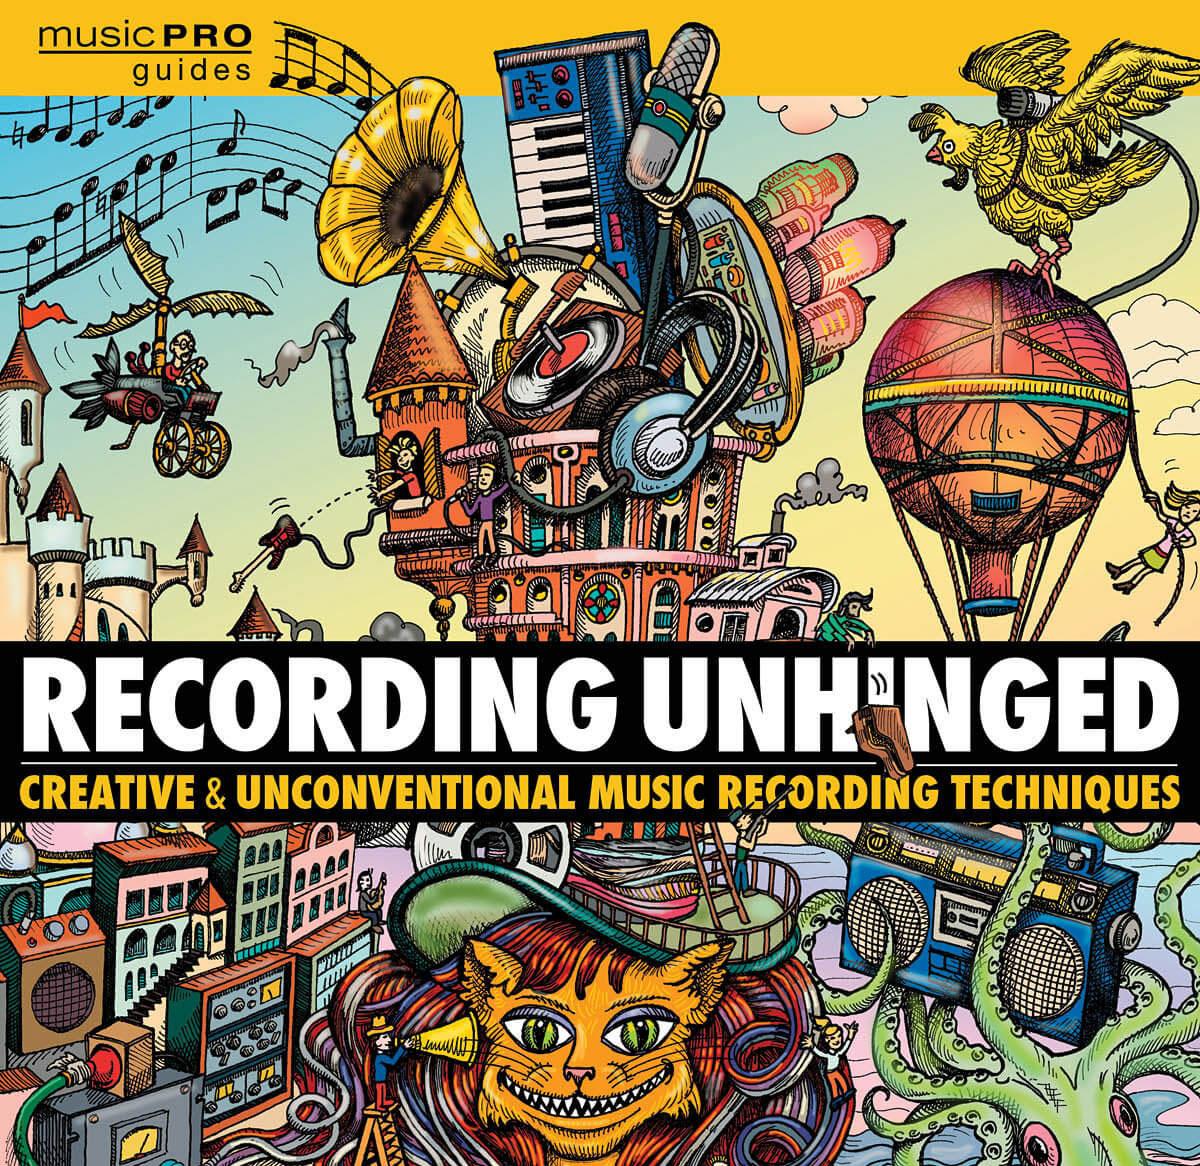 Recording Unhinged by Sylvia Massy (TEC Award Nominee 2016)